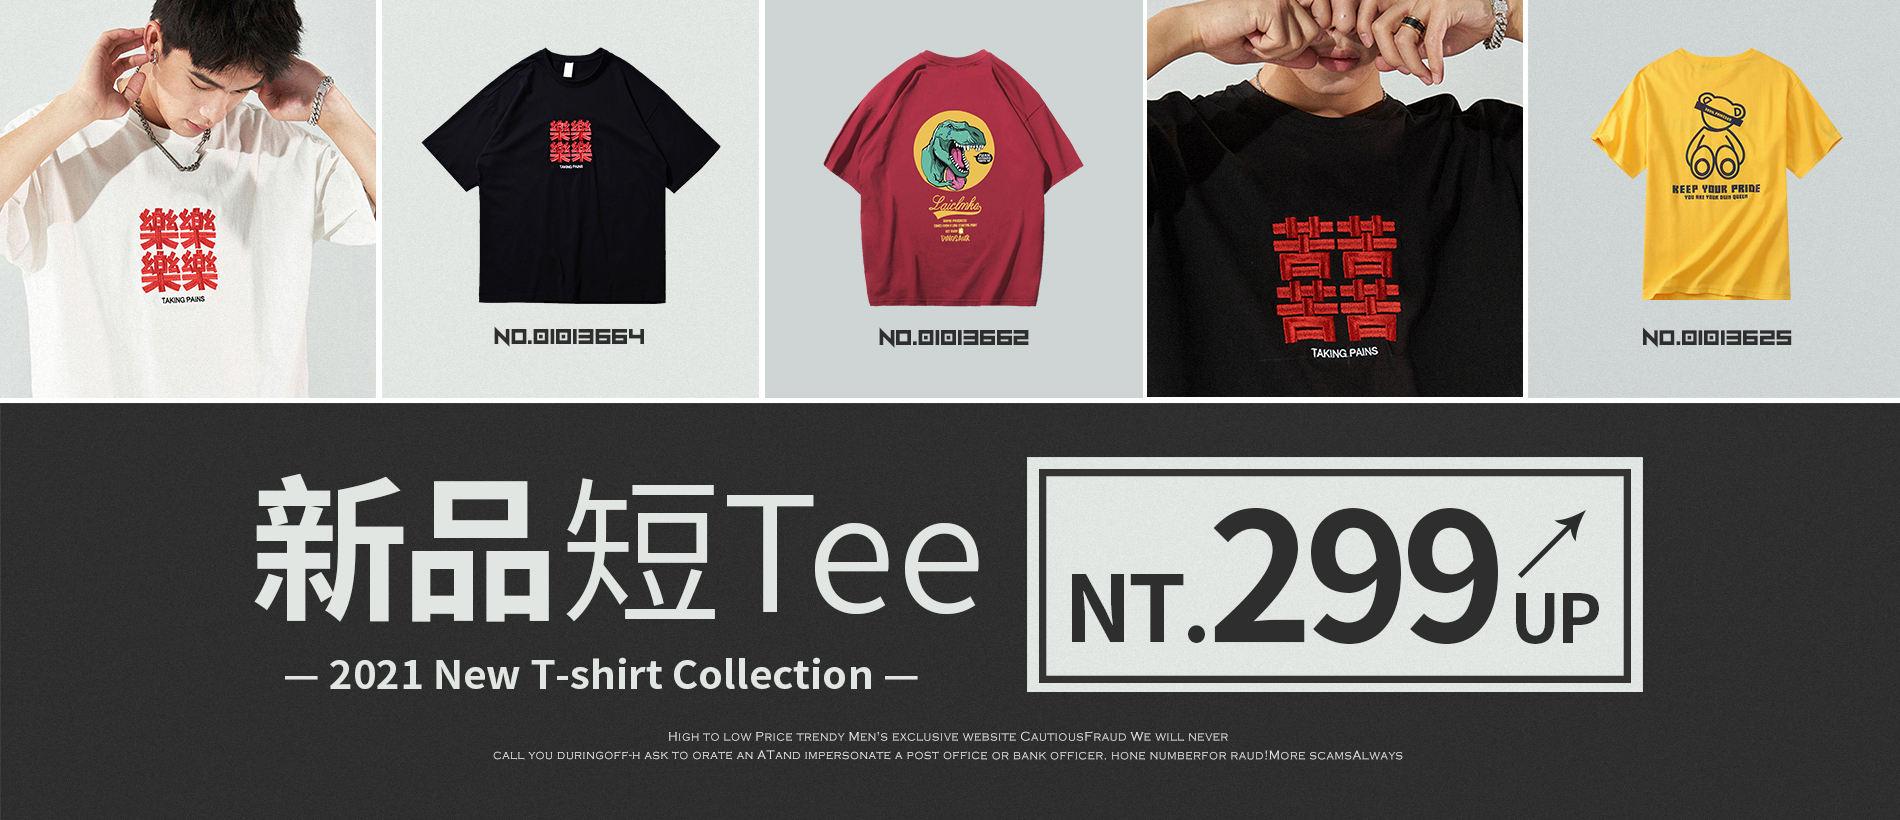 新品短Tee NT.299up